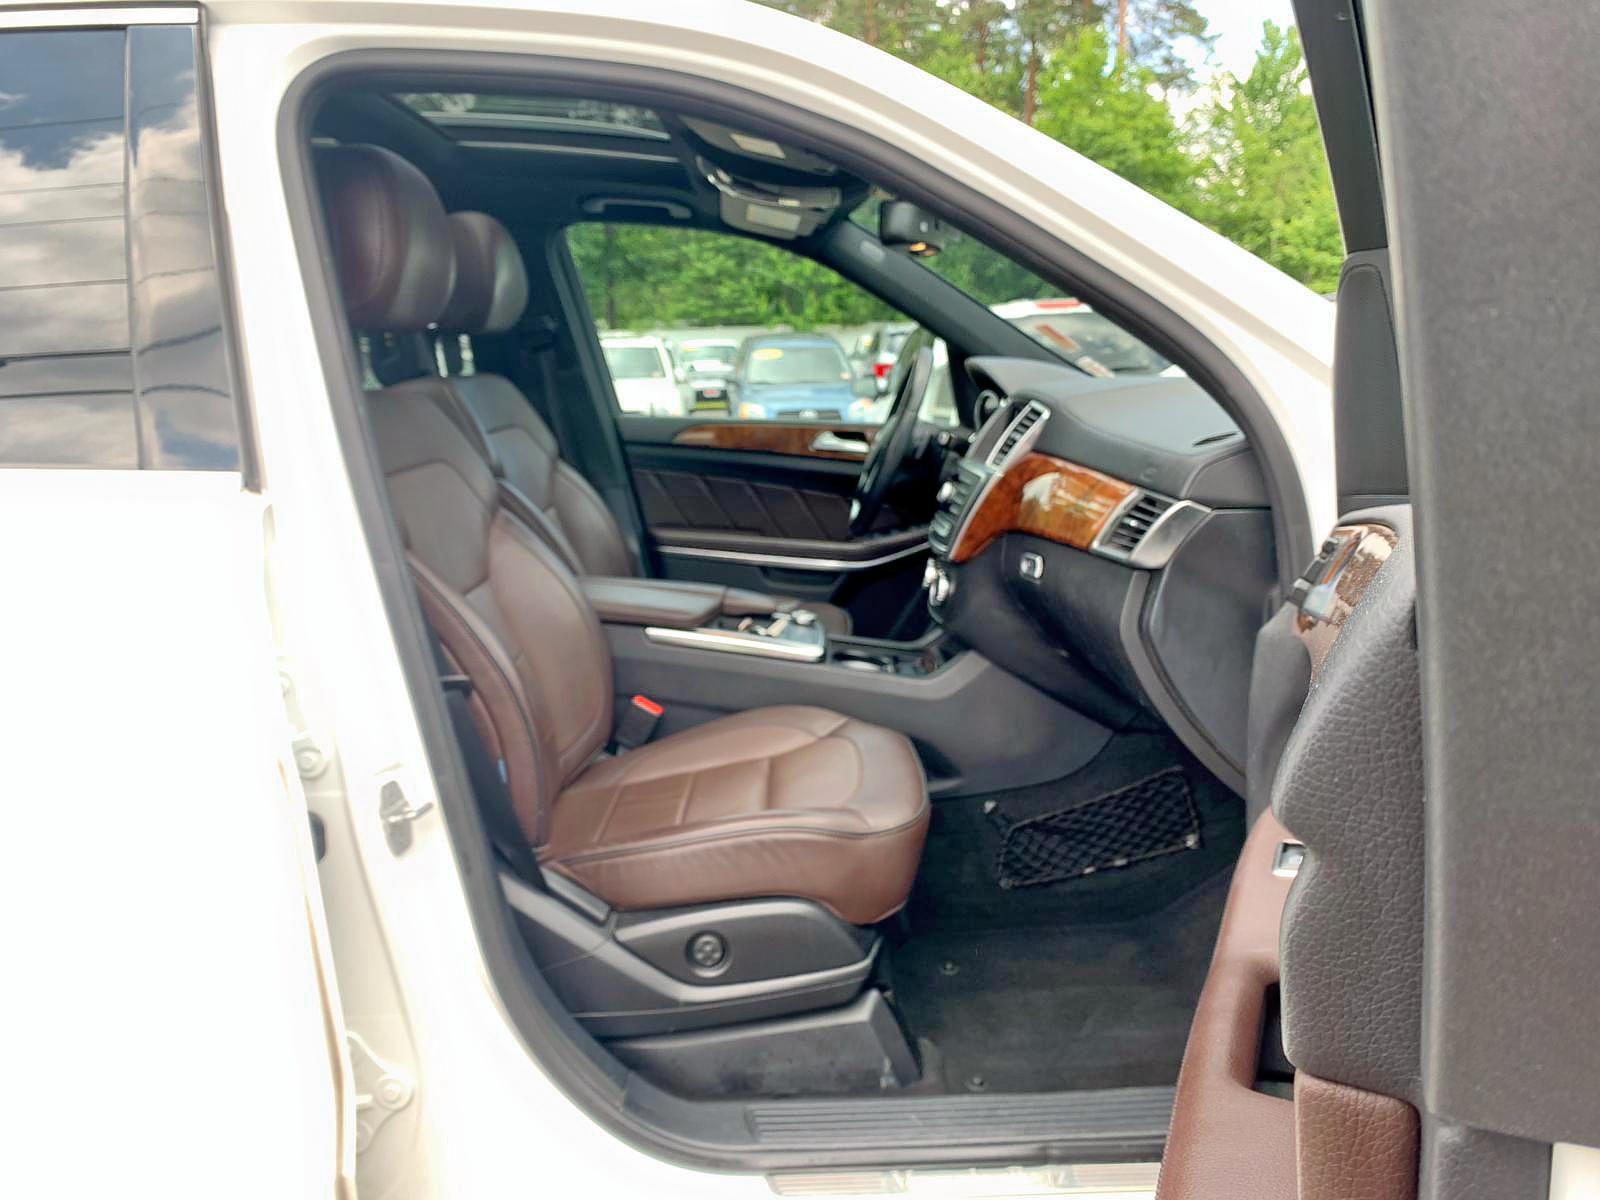 4JGDF7CE5EA308763 - 2014 Mercedes-Benz Gl 450 4Ma 4.6L close up View